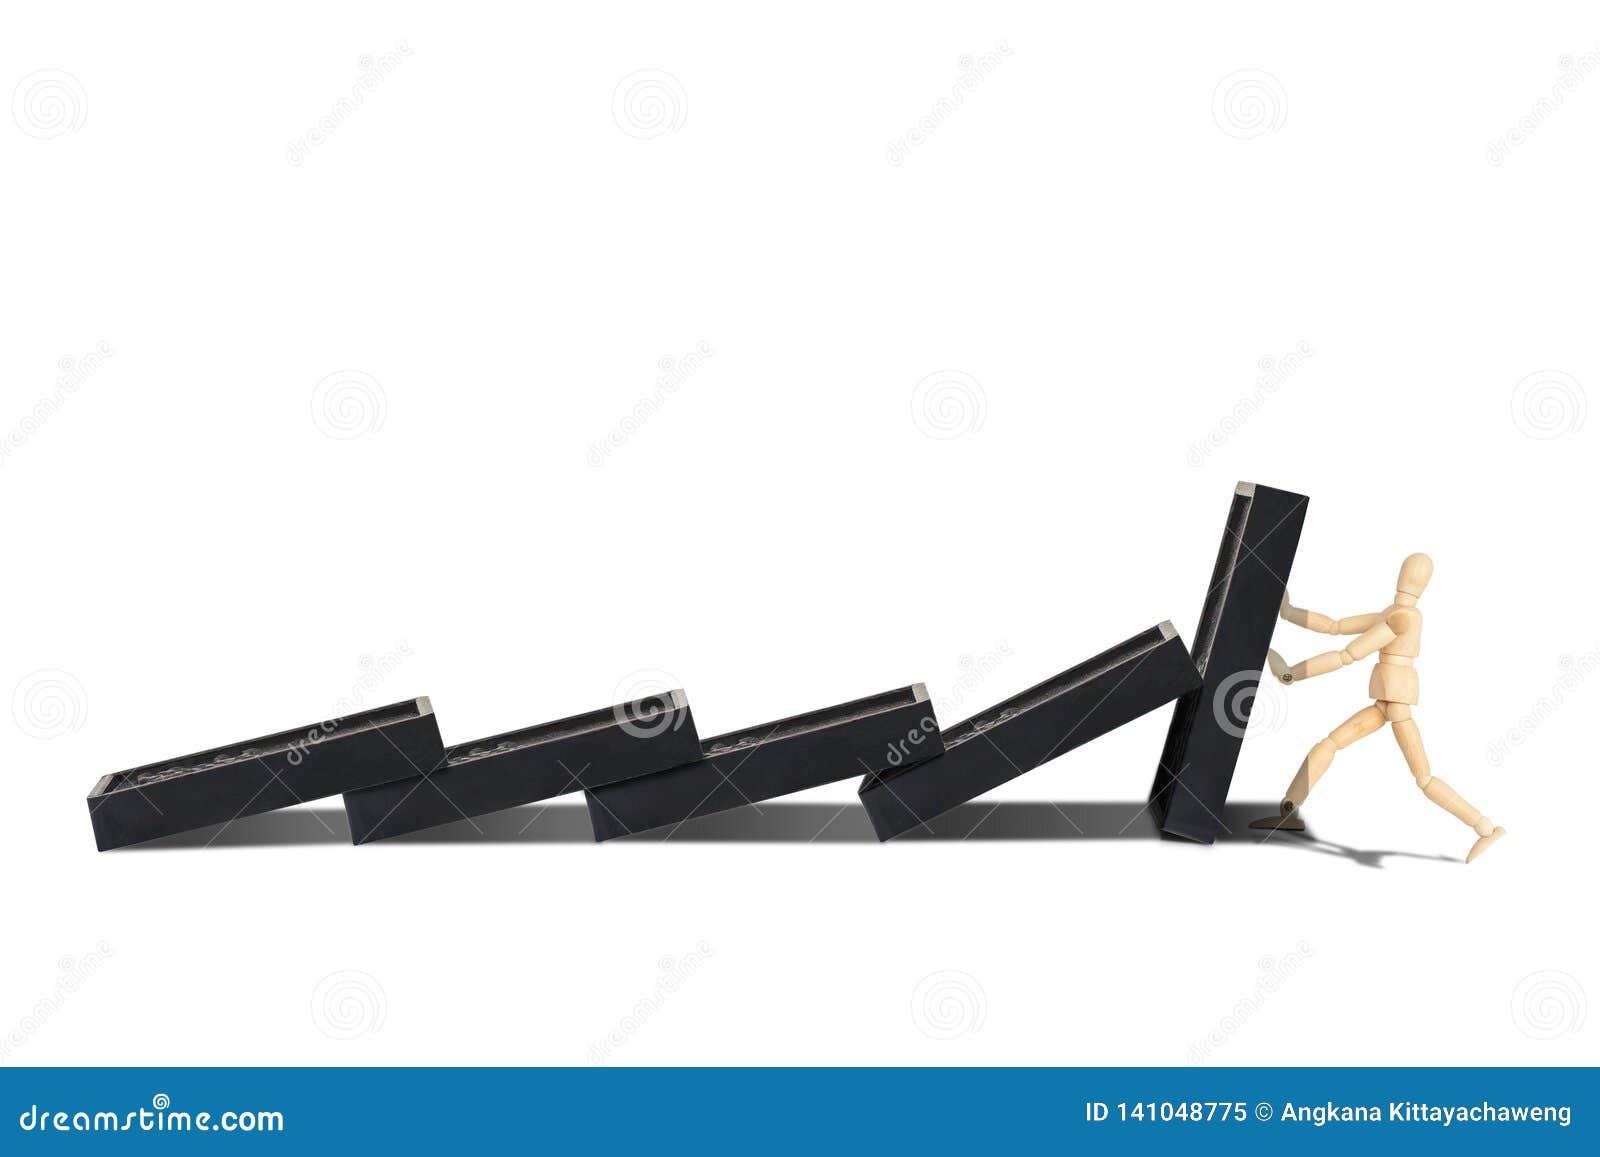 Figura di legno manichino proteggere fila dei domino che vengono a mancare isolata su fondo bianco